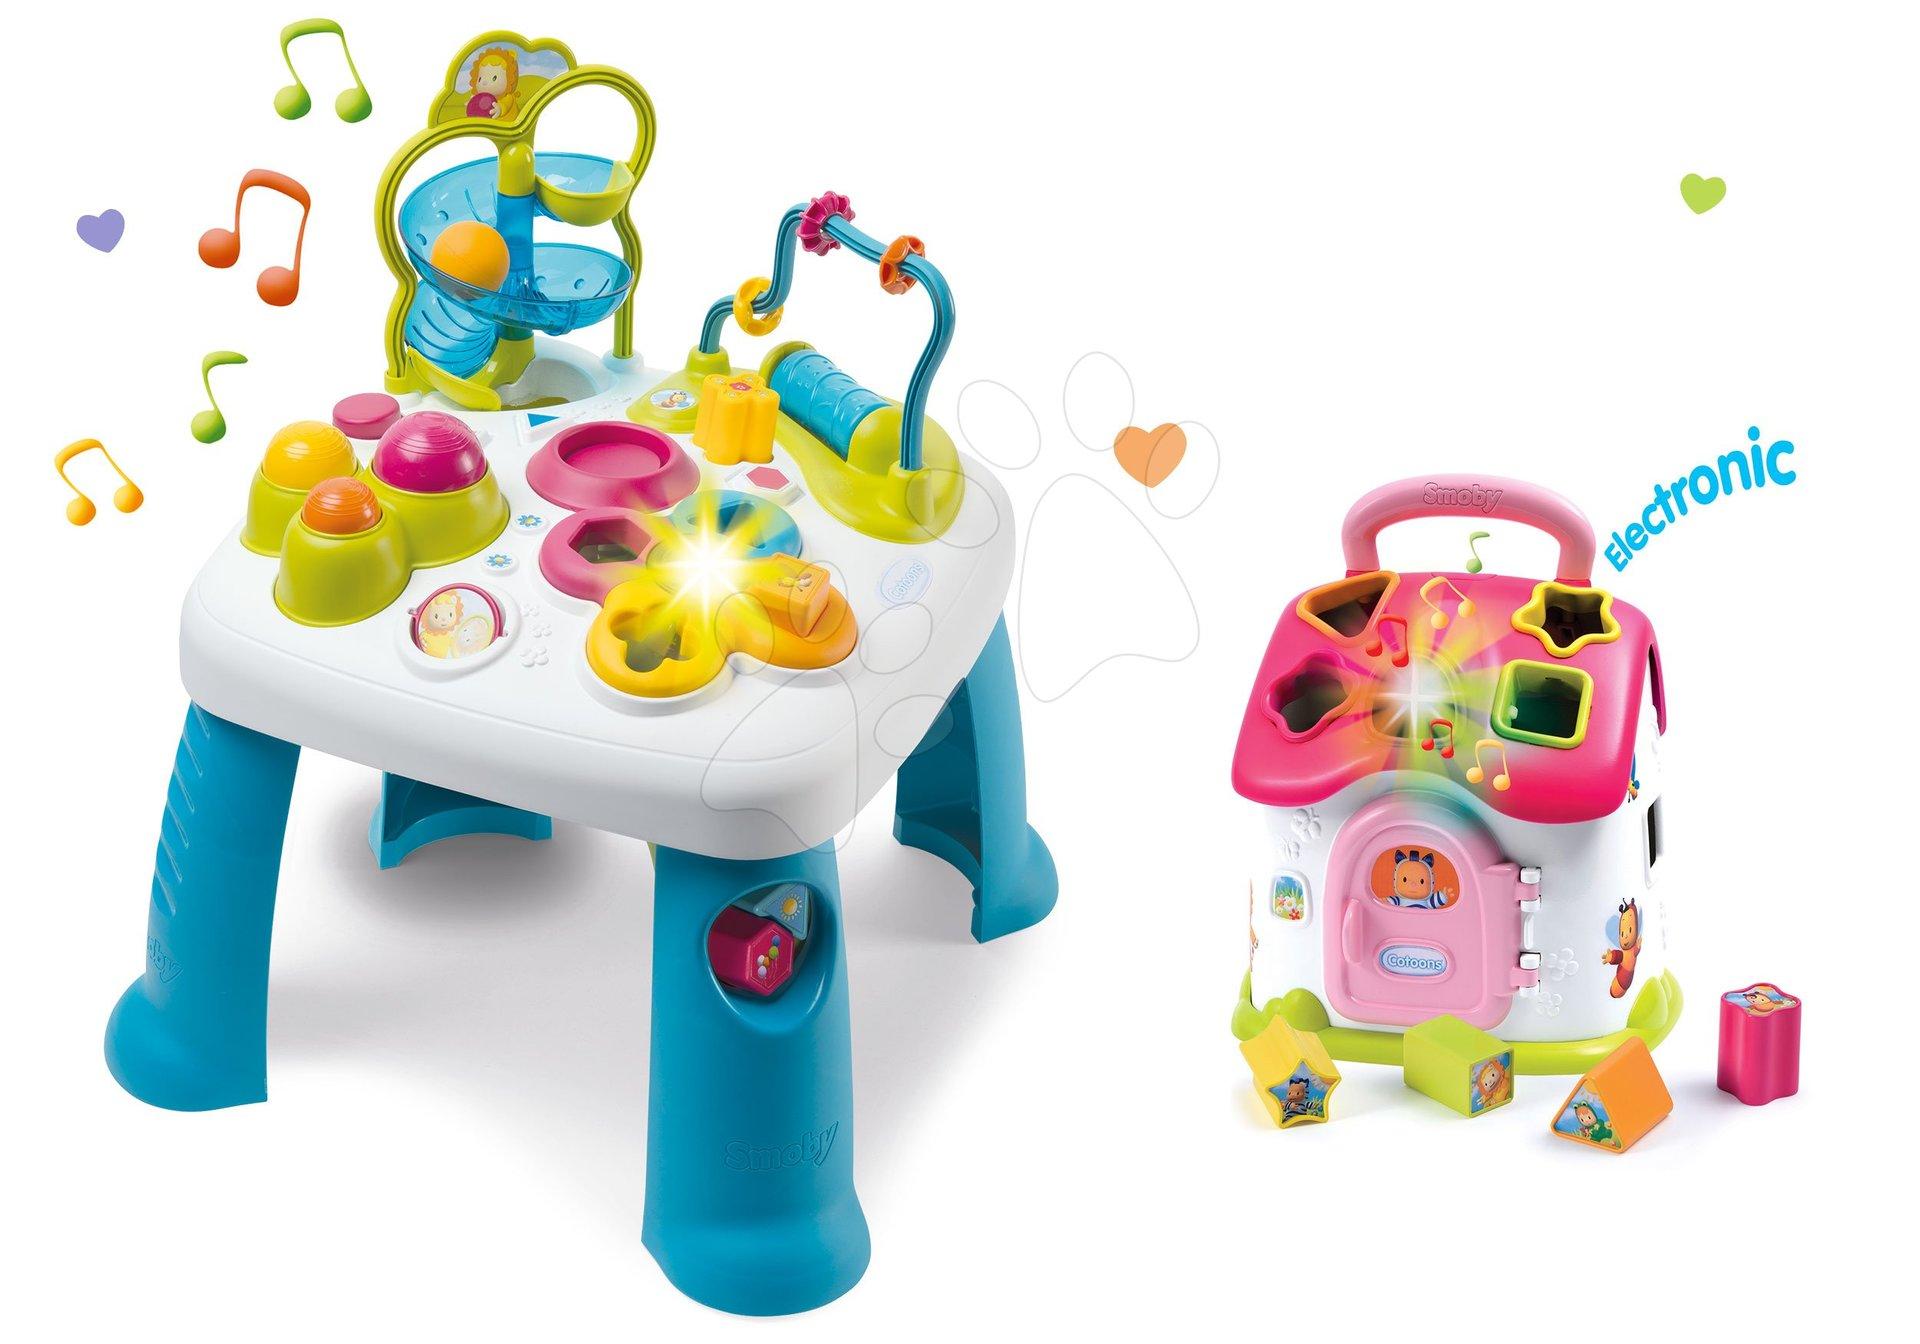 Smoby set didaktický stolík Cotoons a domček vkladací so svetlom a zvukmi 211067-10 ružový